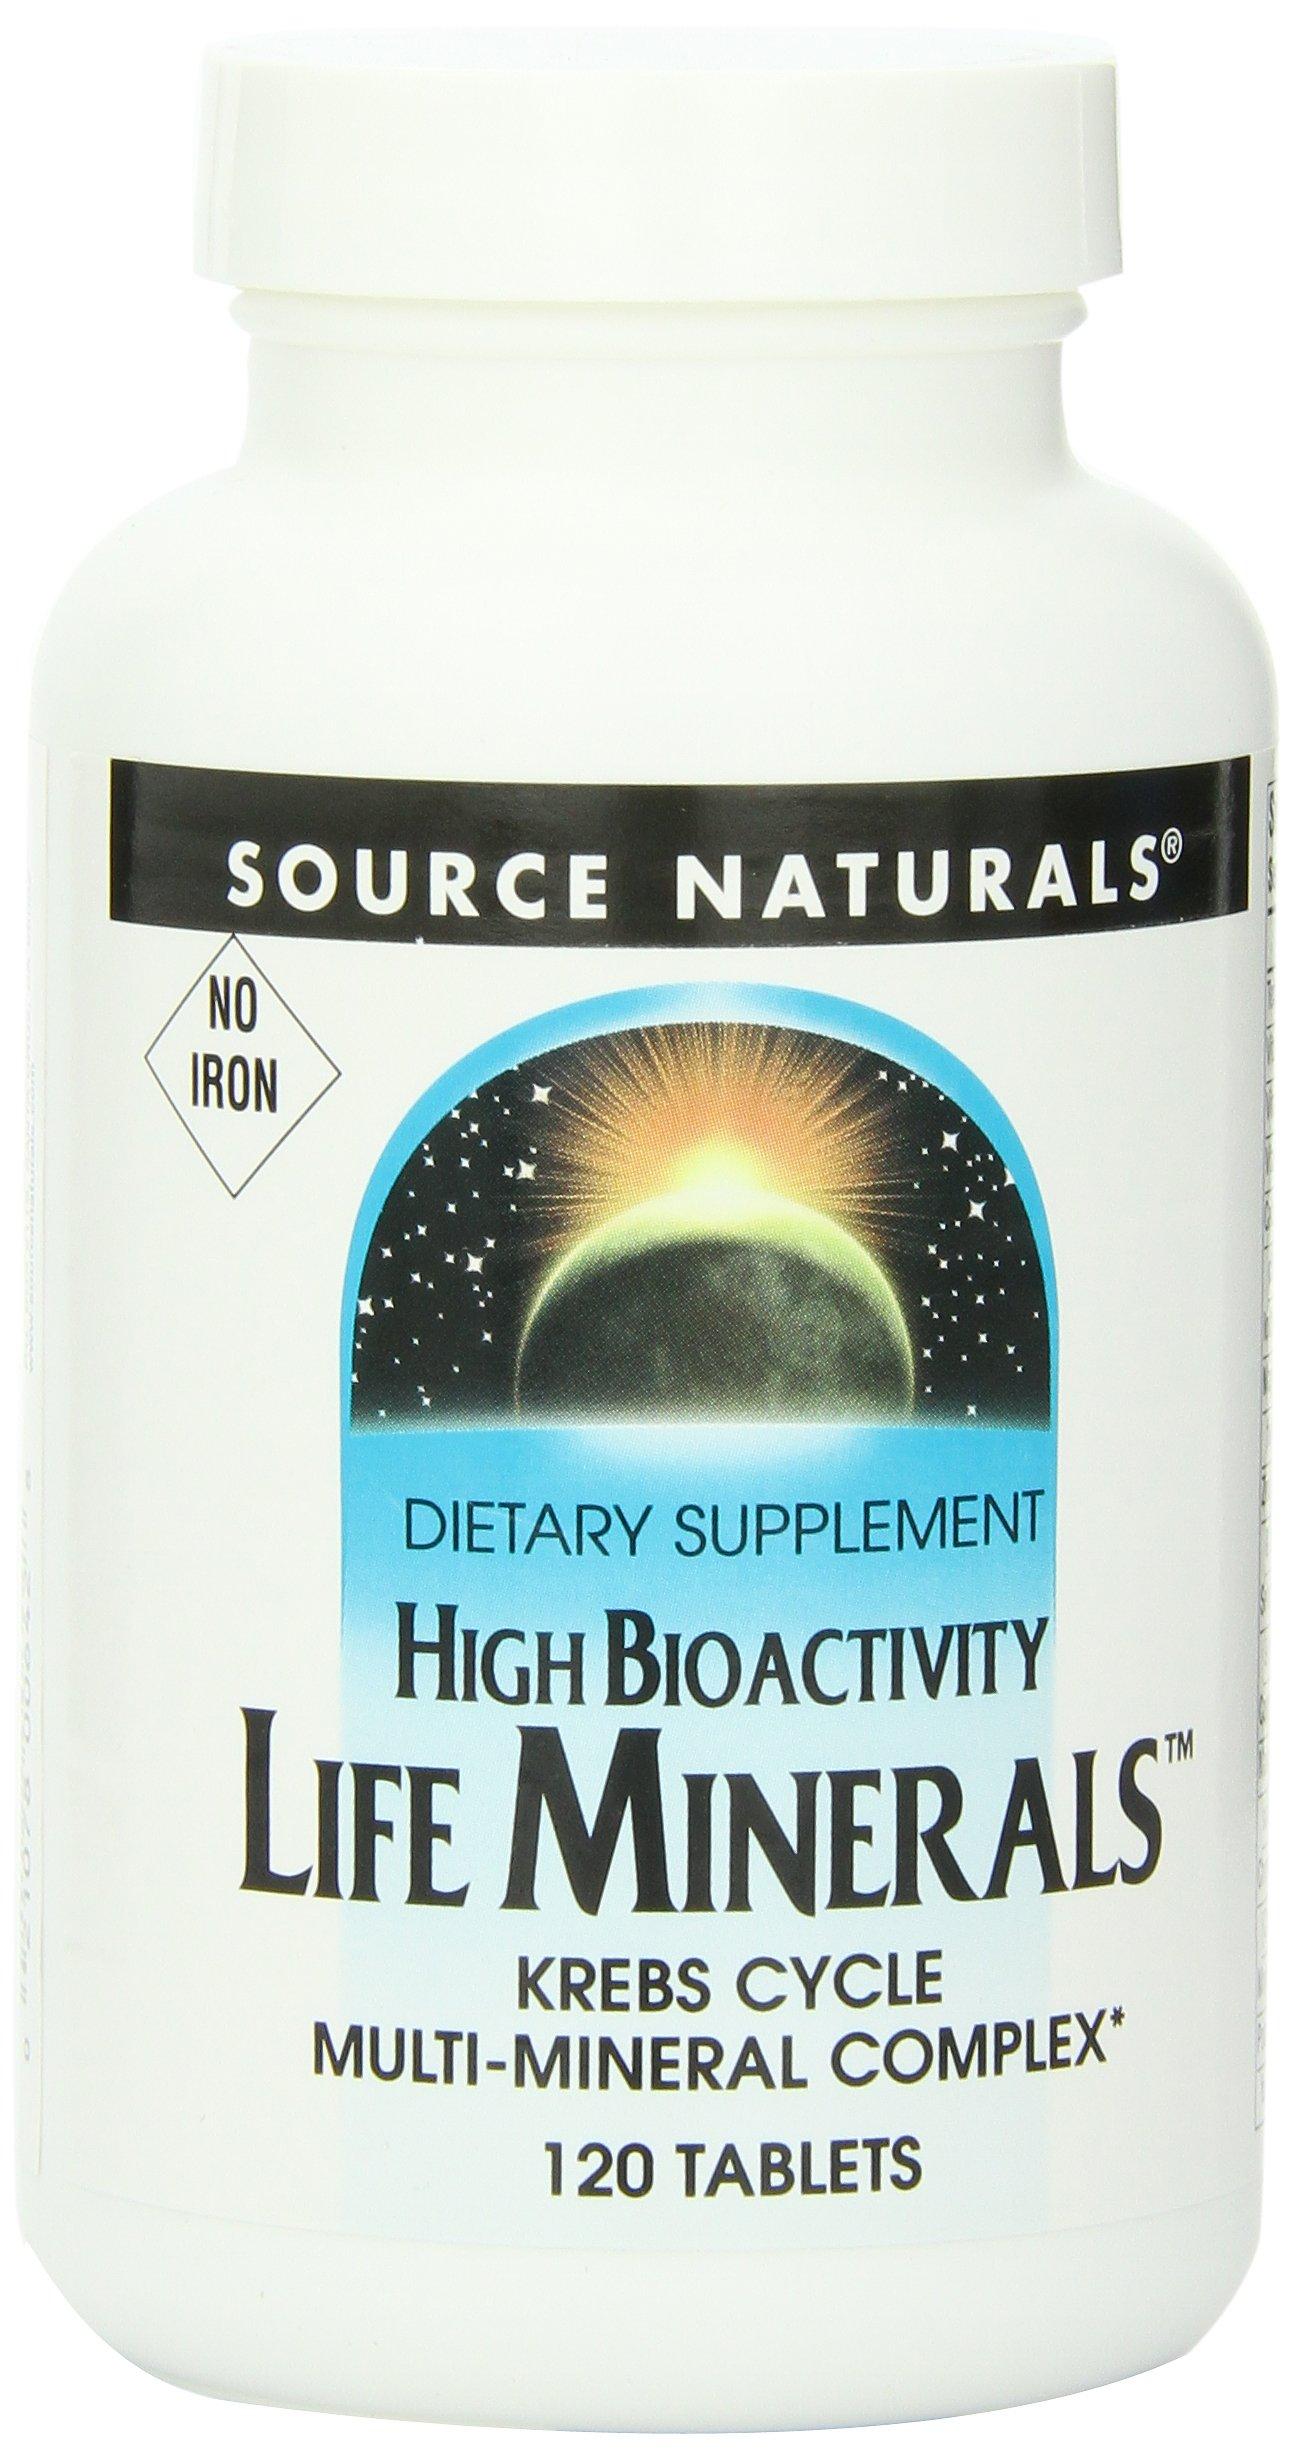 Source Naturals Life Minerals, No Iron, 120 Tablets